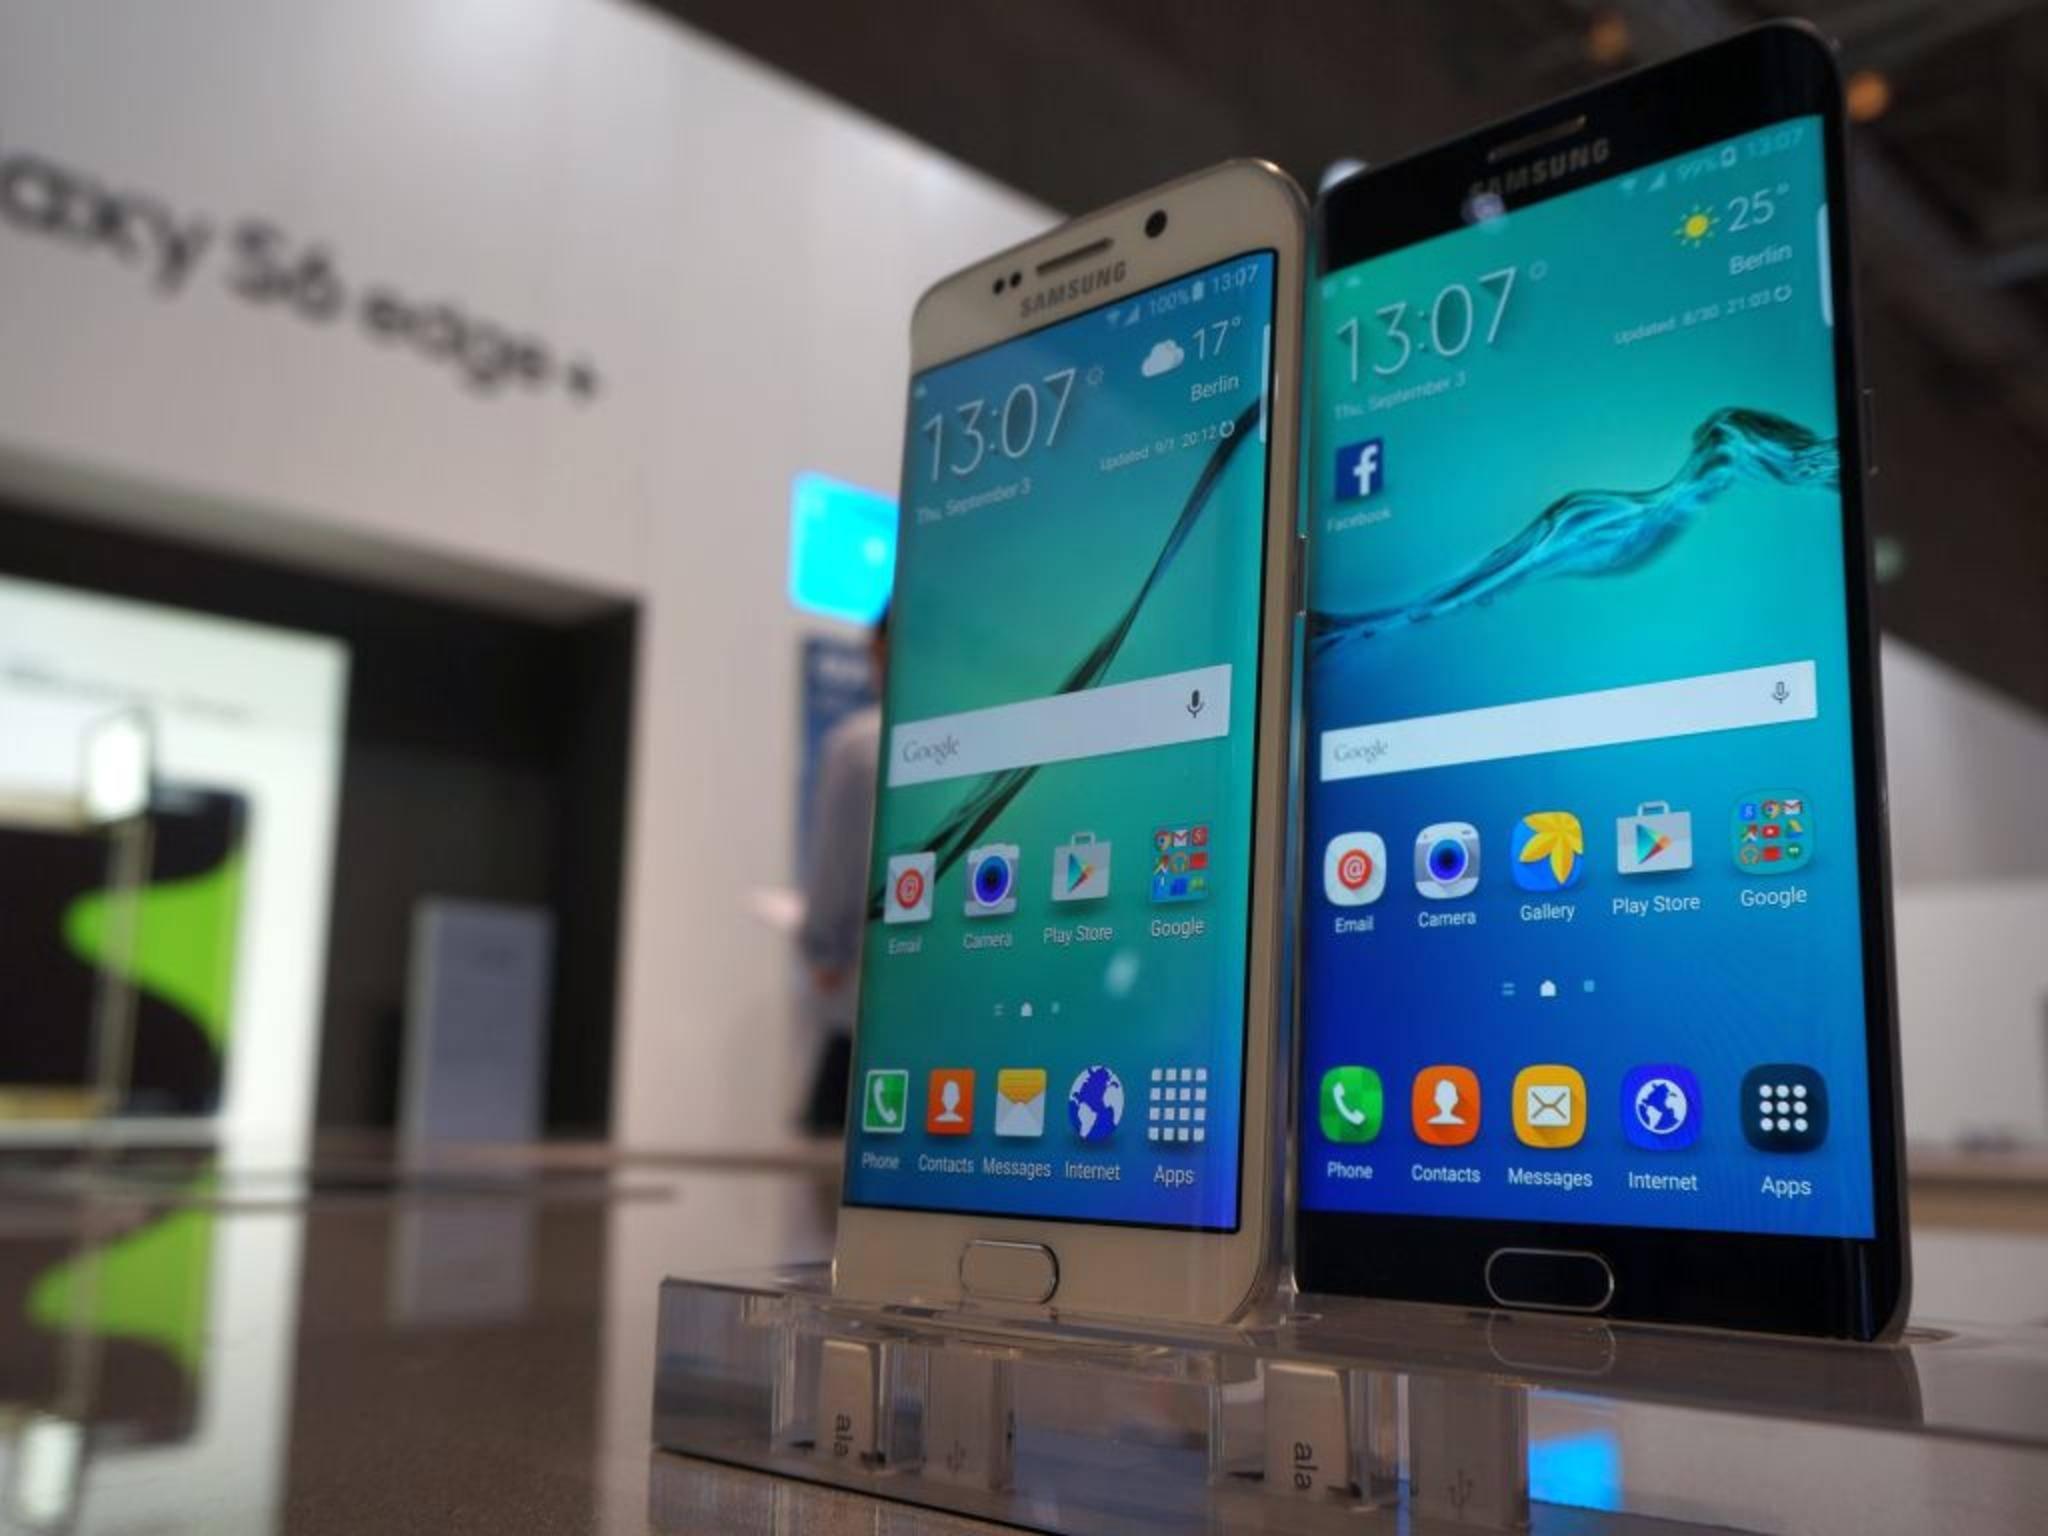 Für viele Samsung-Geräte gibt's demnächst ein Update auf Android 6.0 Marshmallow.